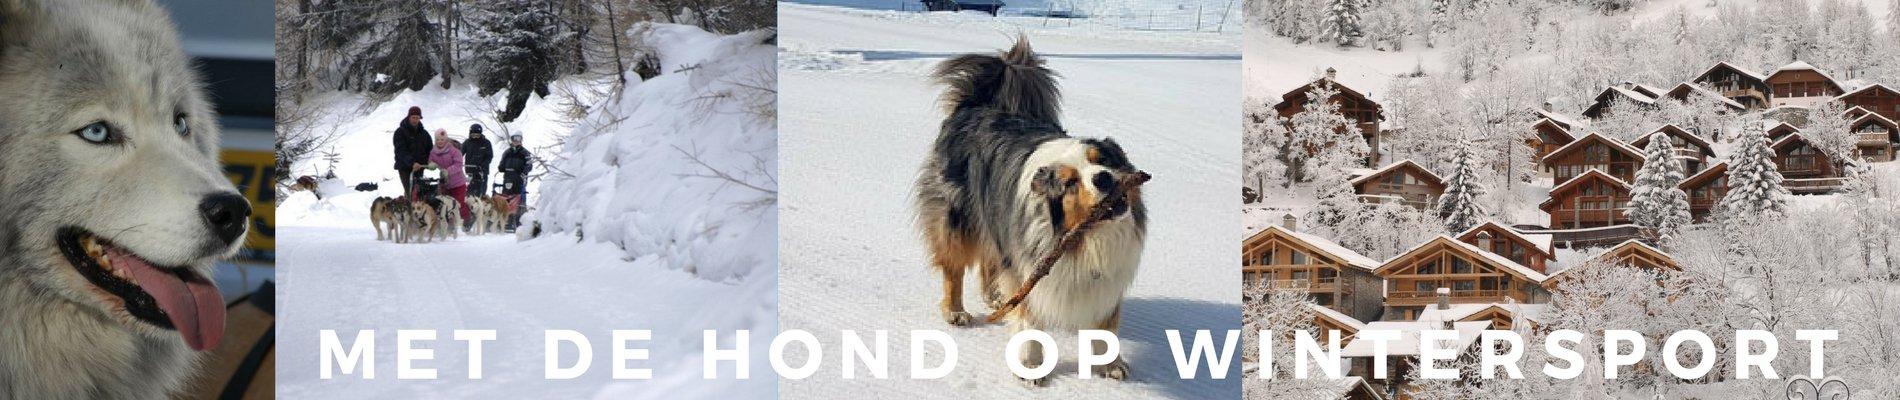 met de hond op wintersport